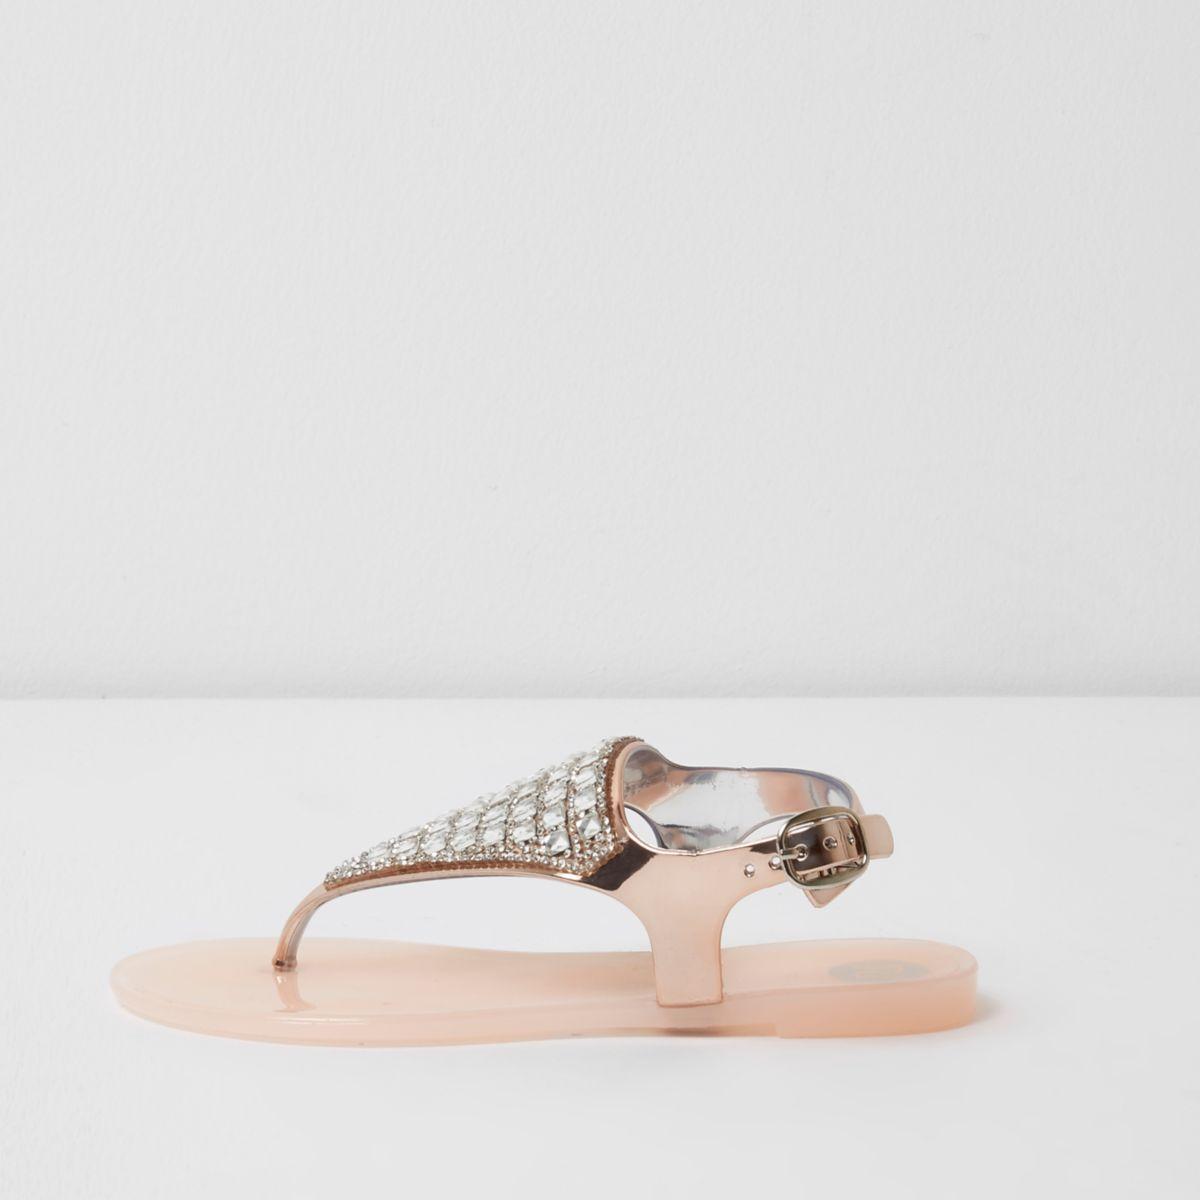 Pinke Jelly-Sandalen mit Strasssteinchen